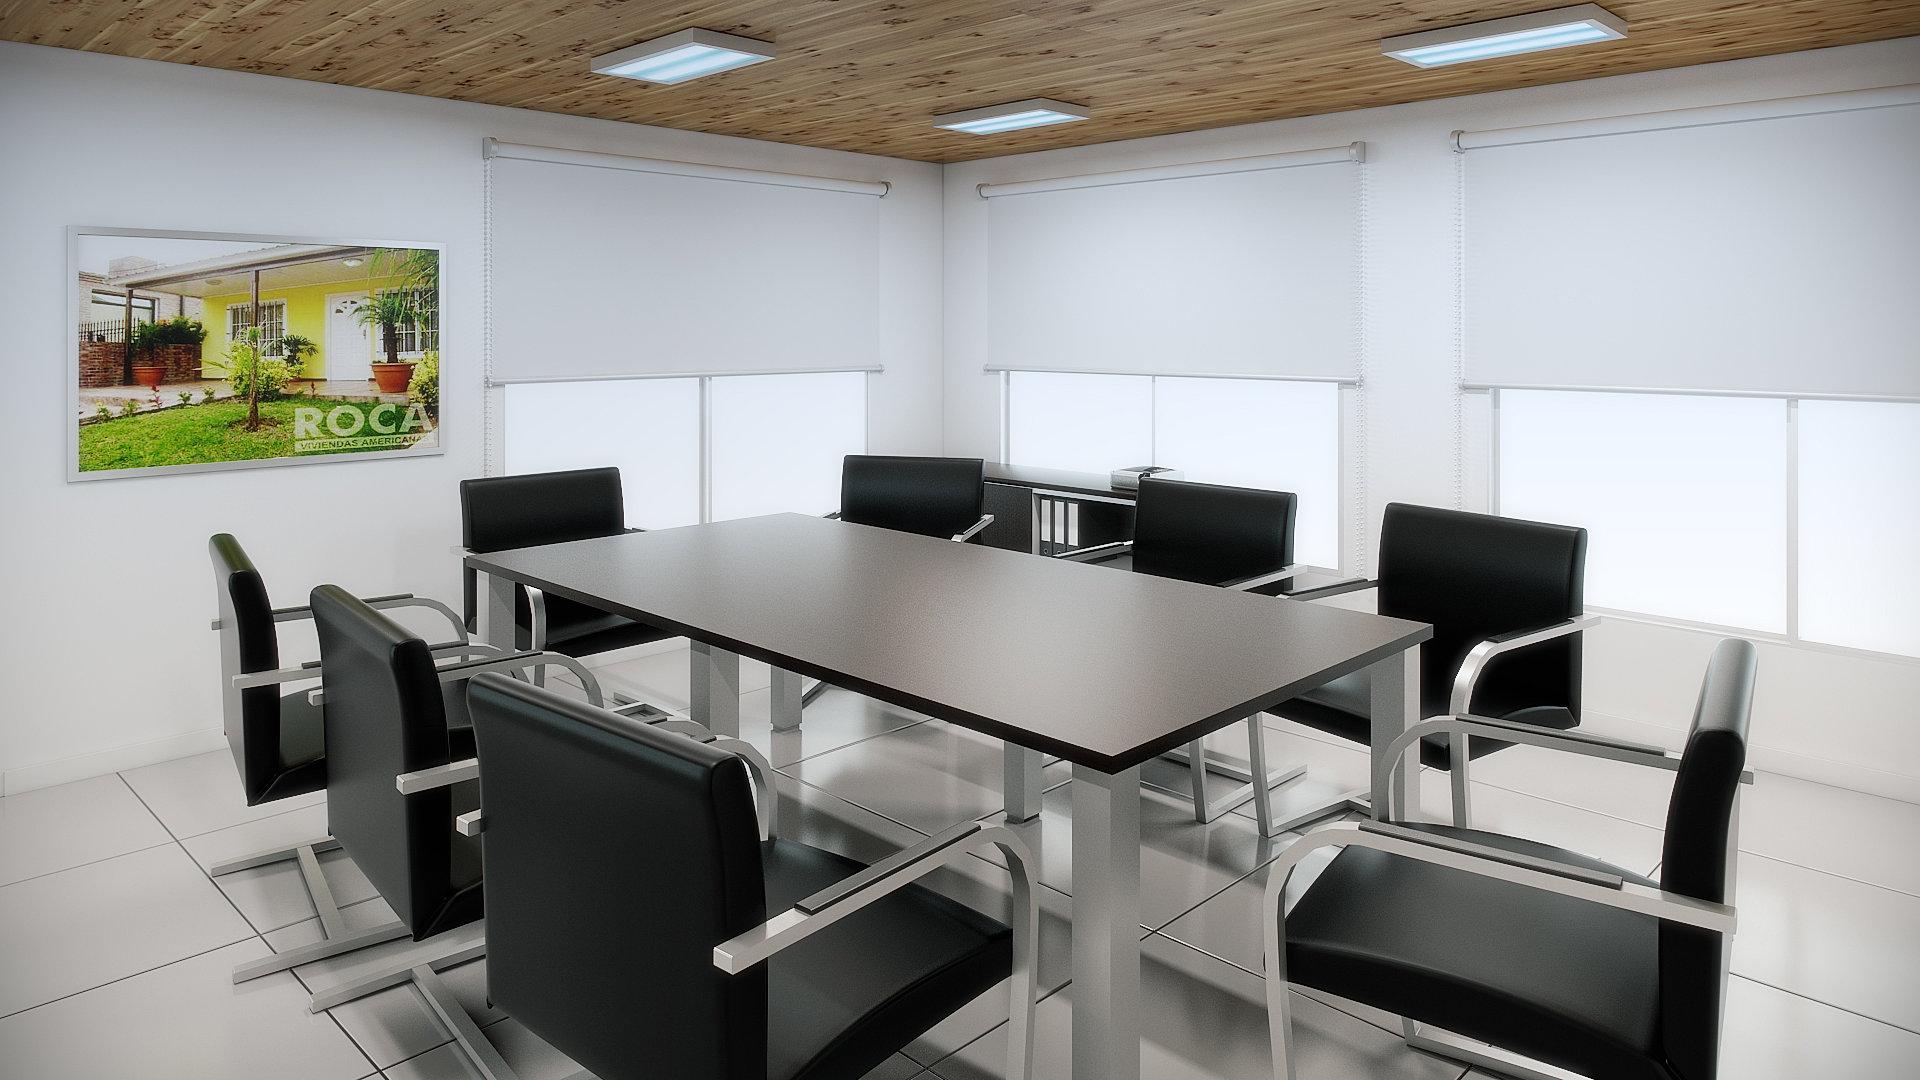 Arq corporativa sala de reuni n for Arquitectura oficinas modernas